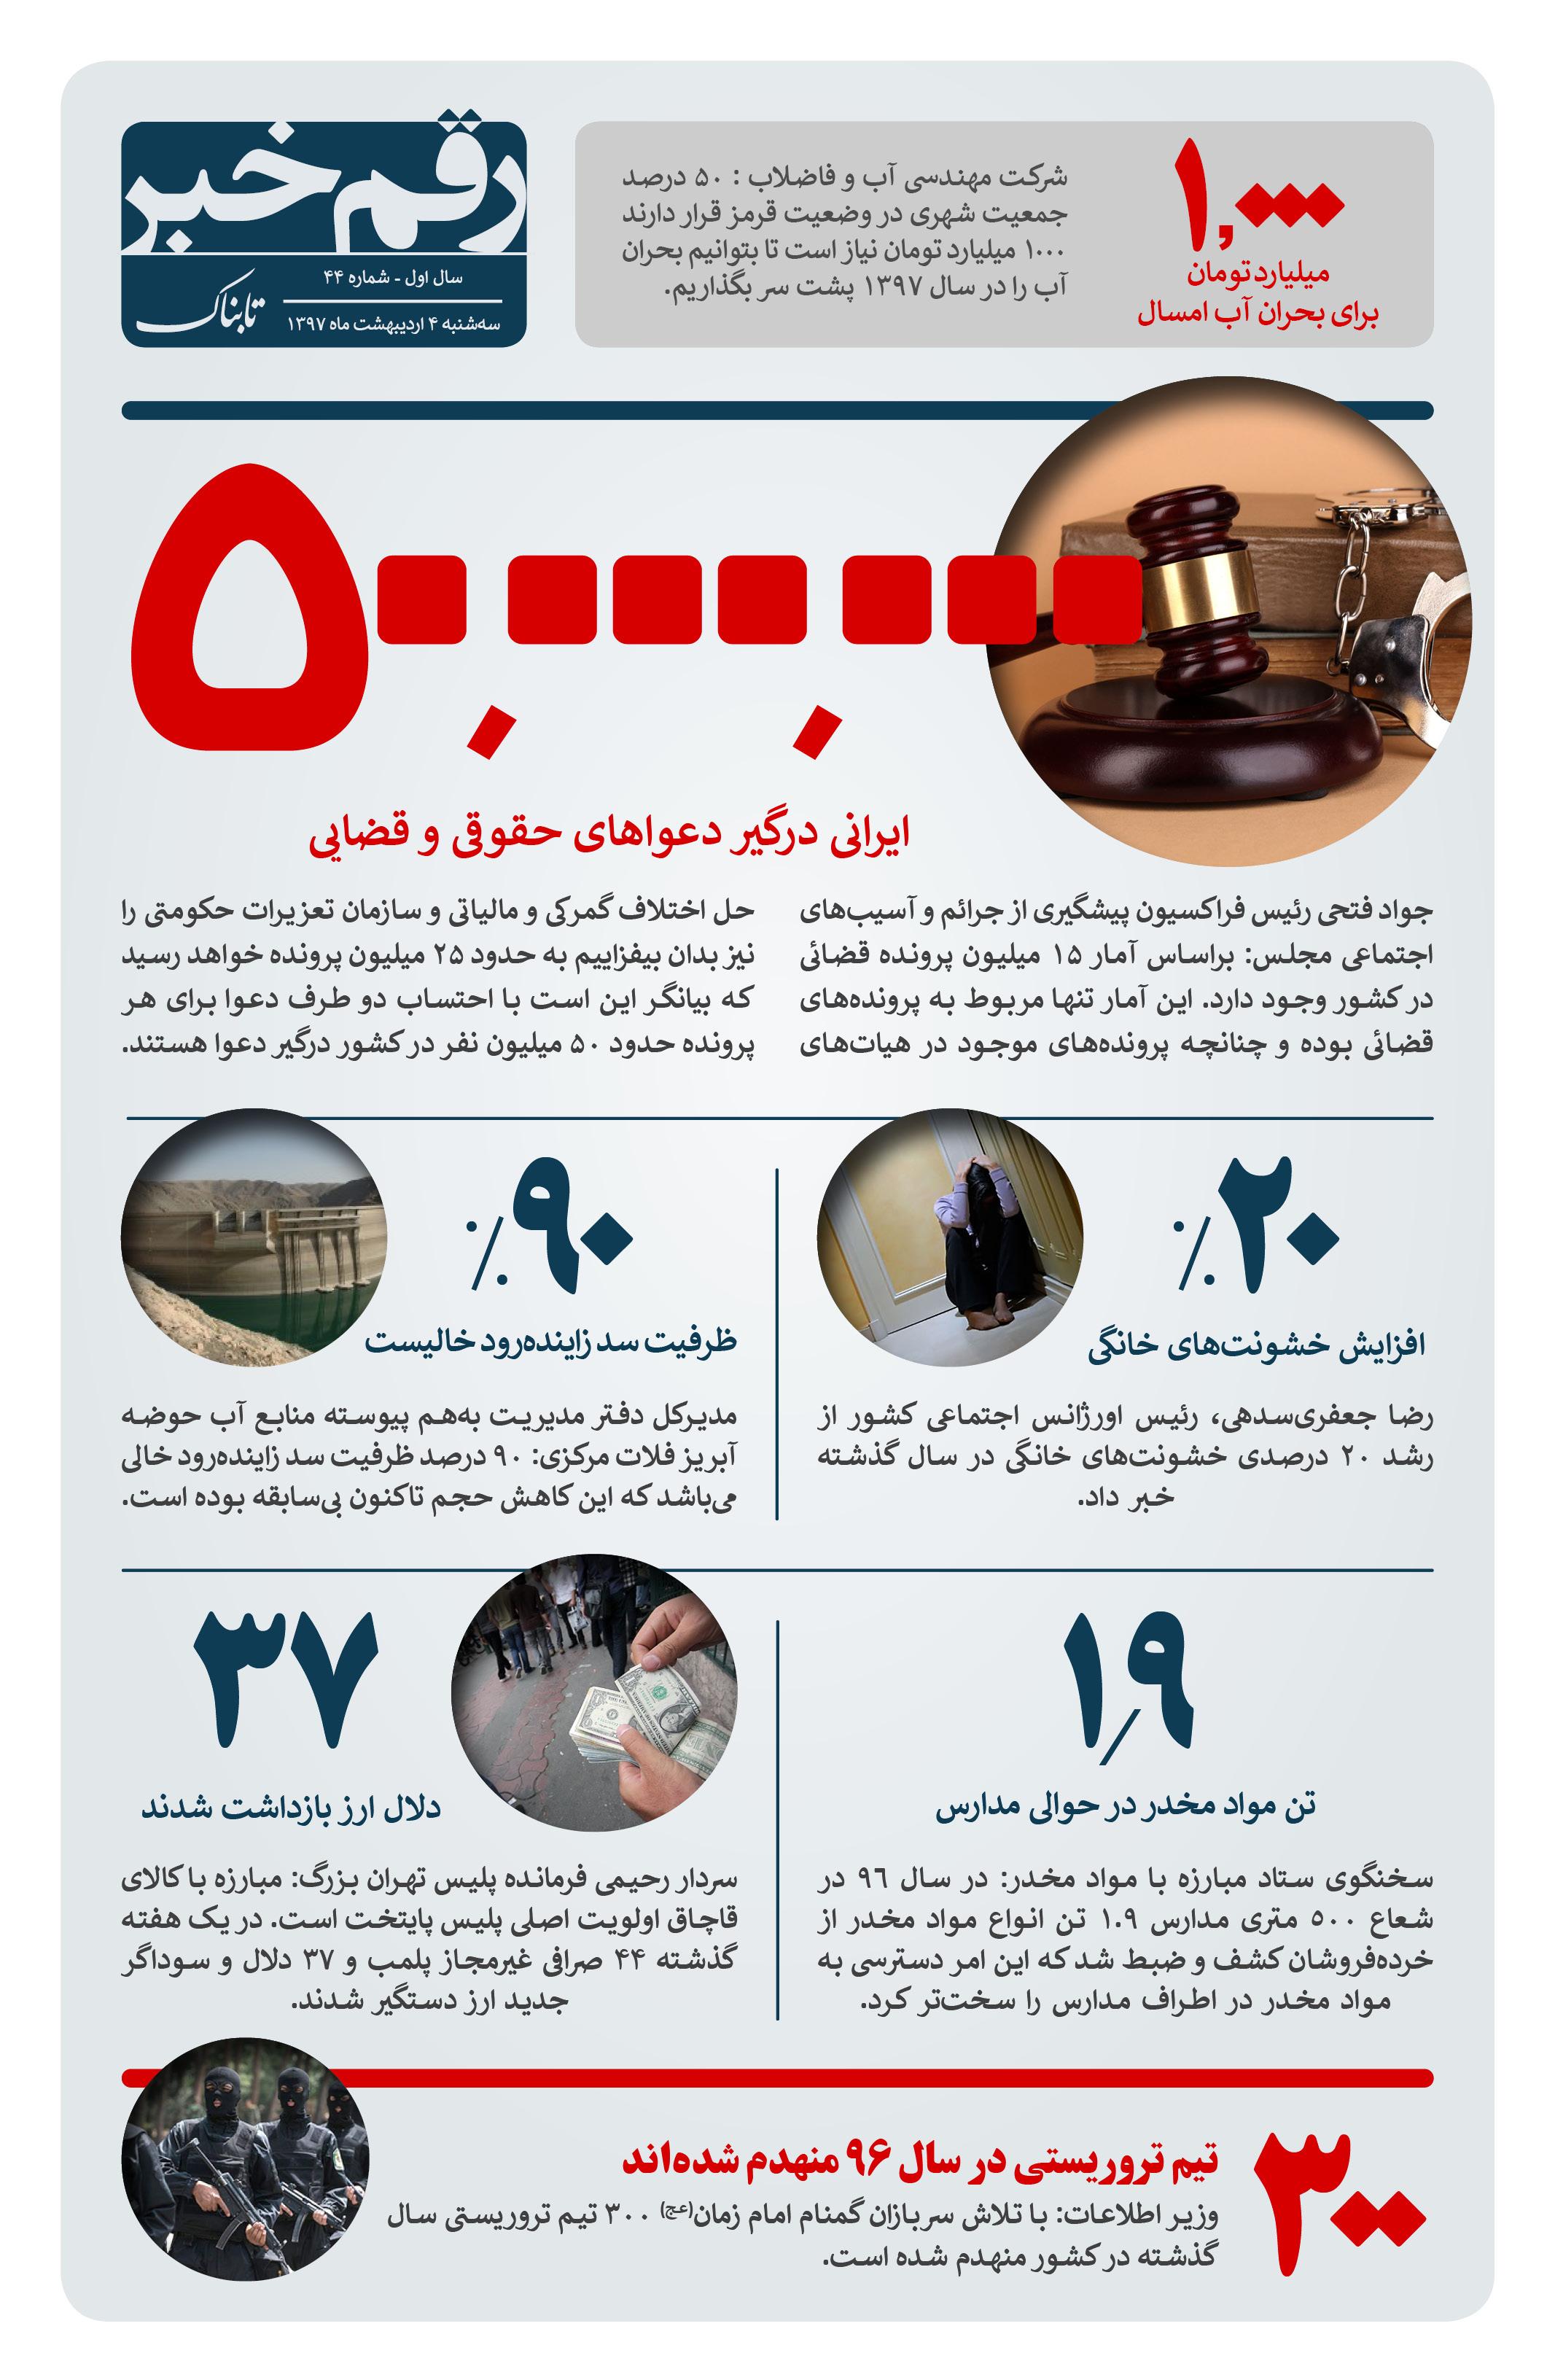 رقم خبر: چه تعداد ایرانی درگیر دعواهای قضایی هستند